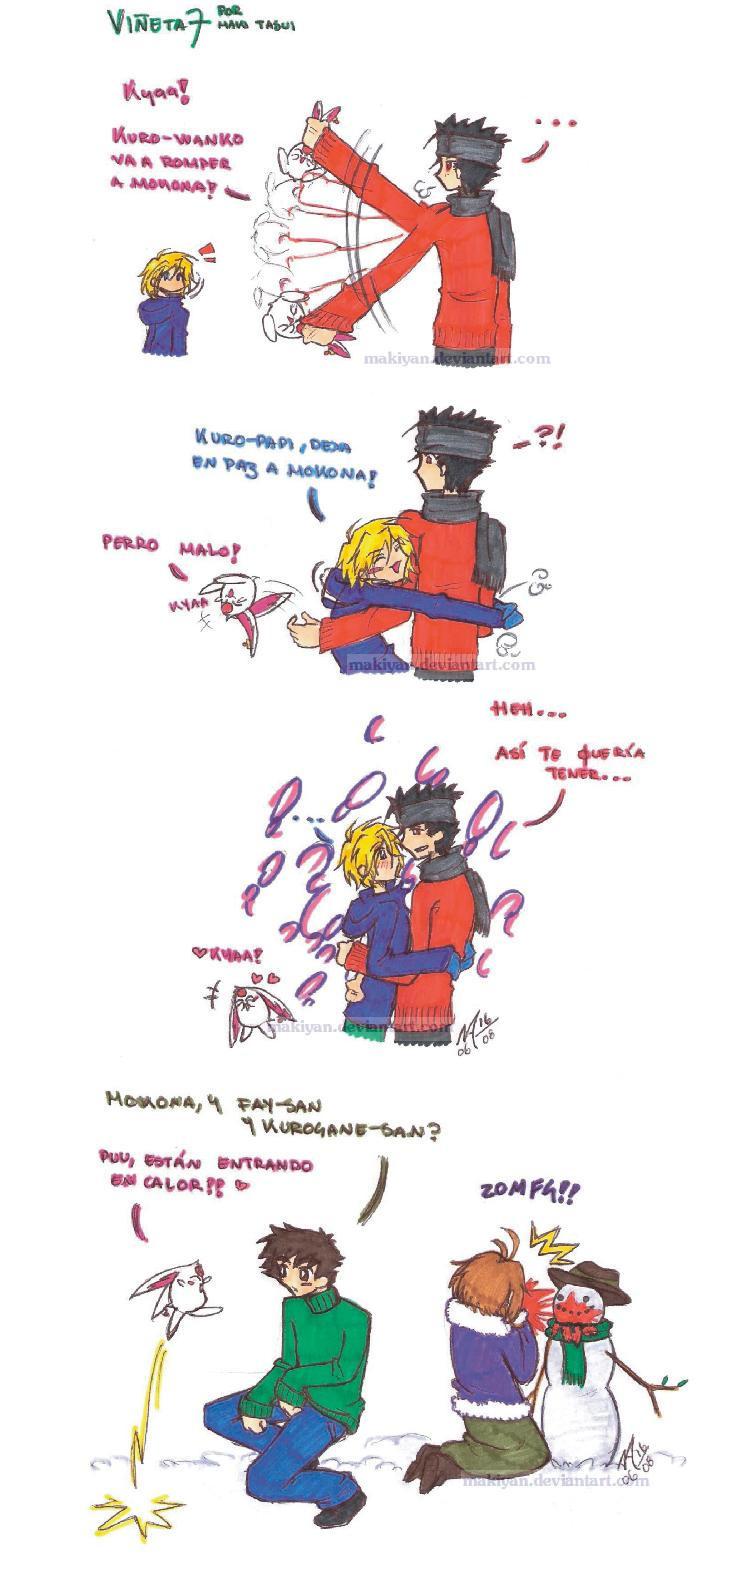 Vinieta 7 by makiyan